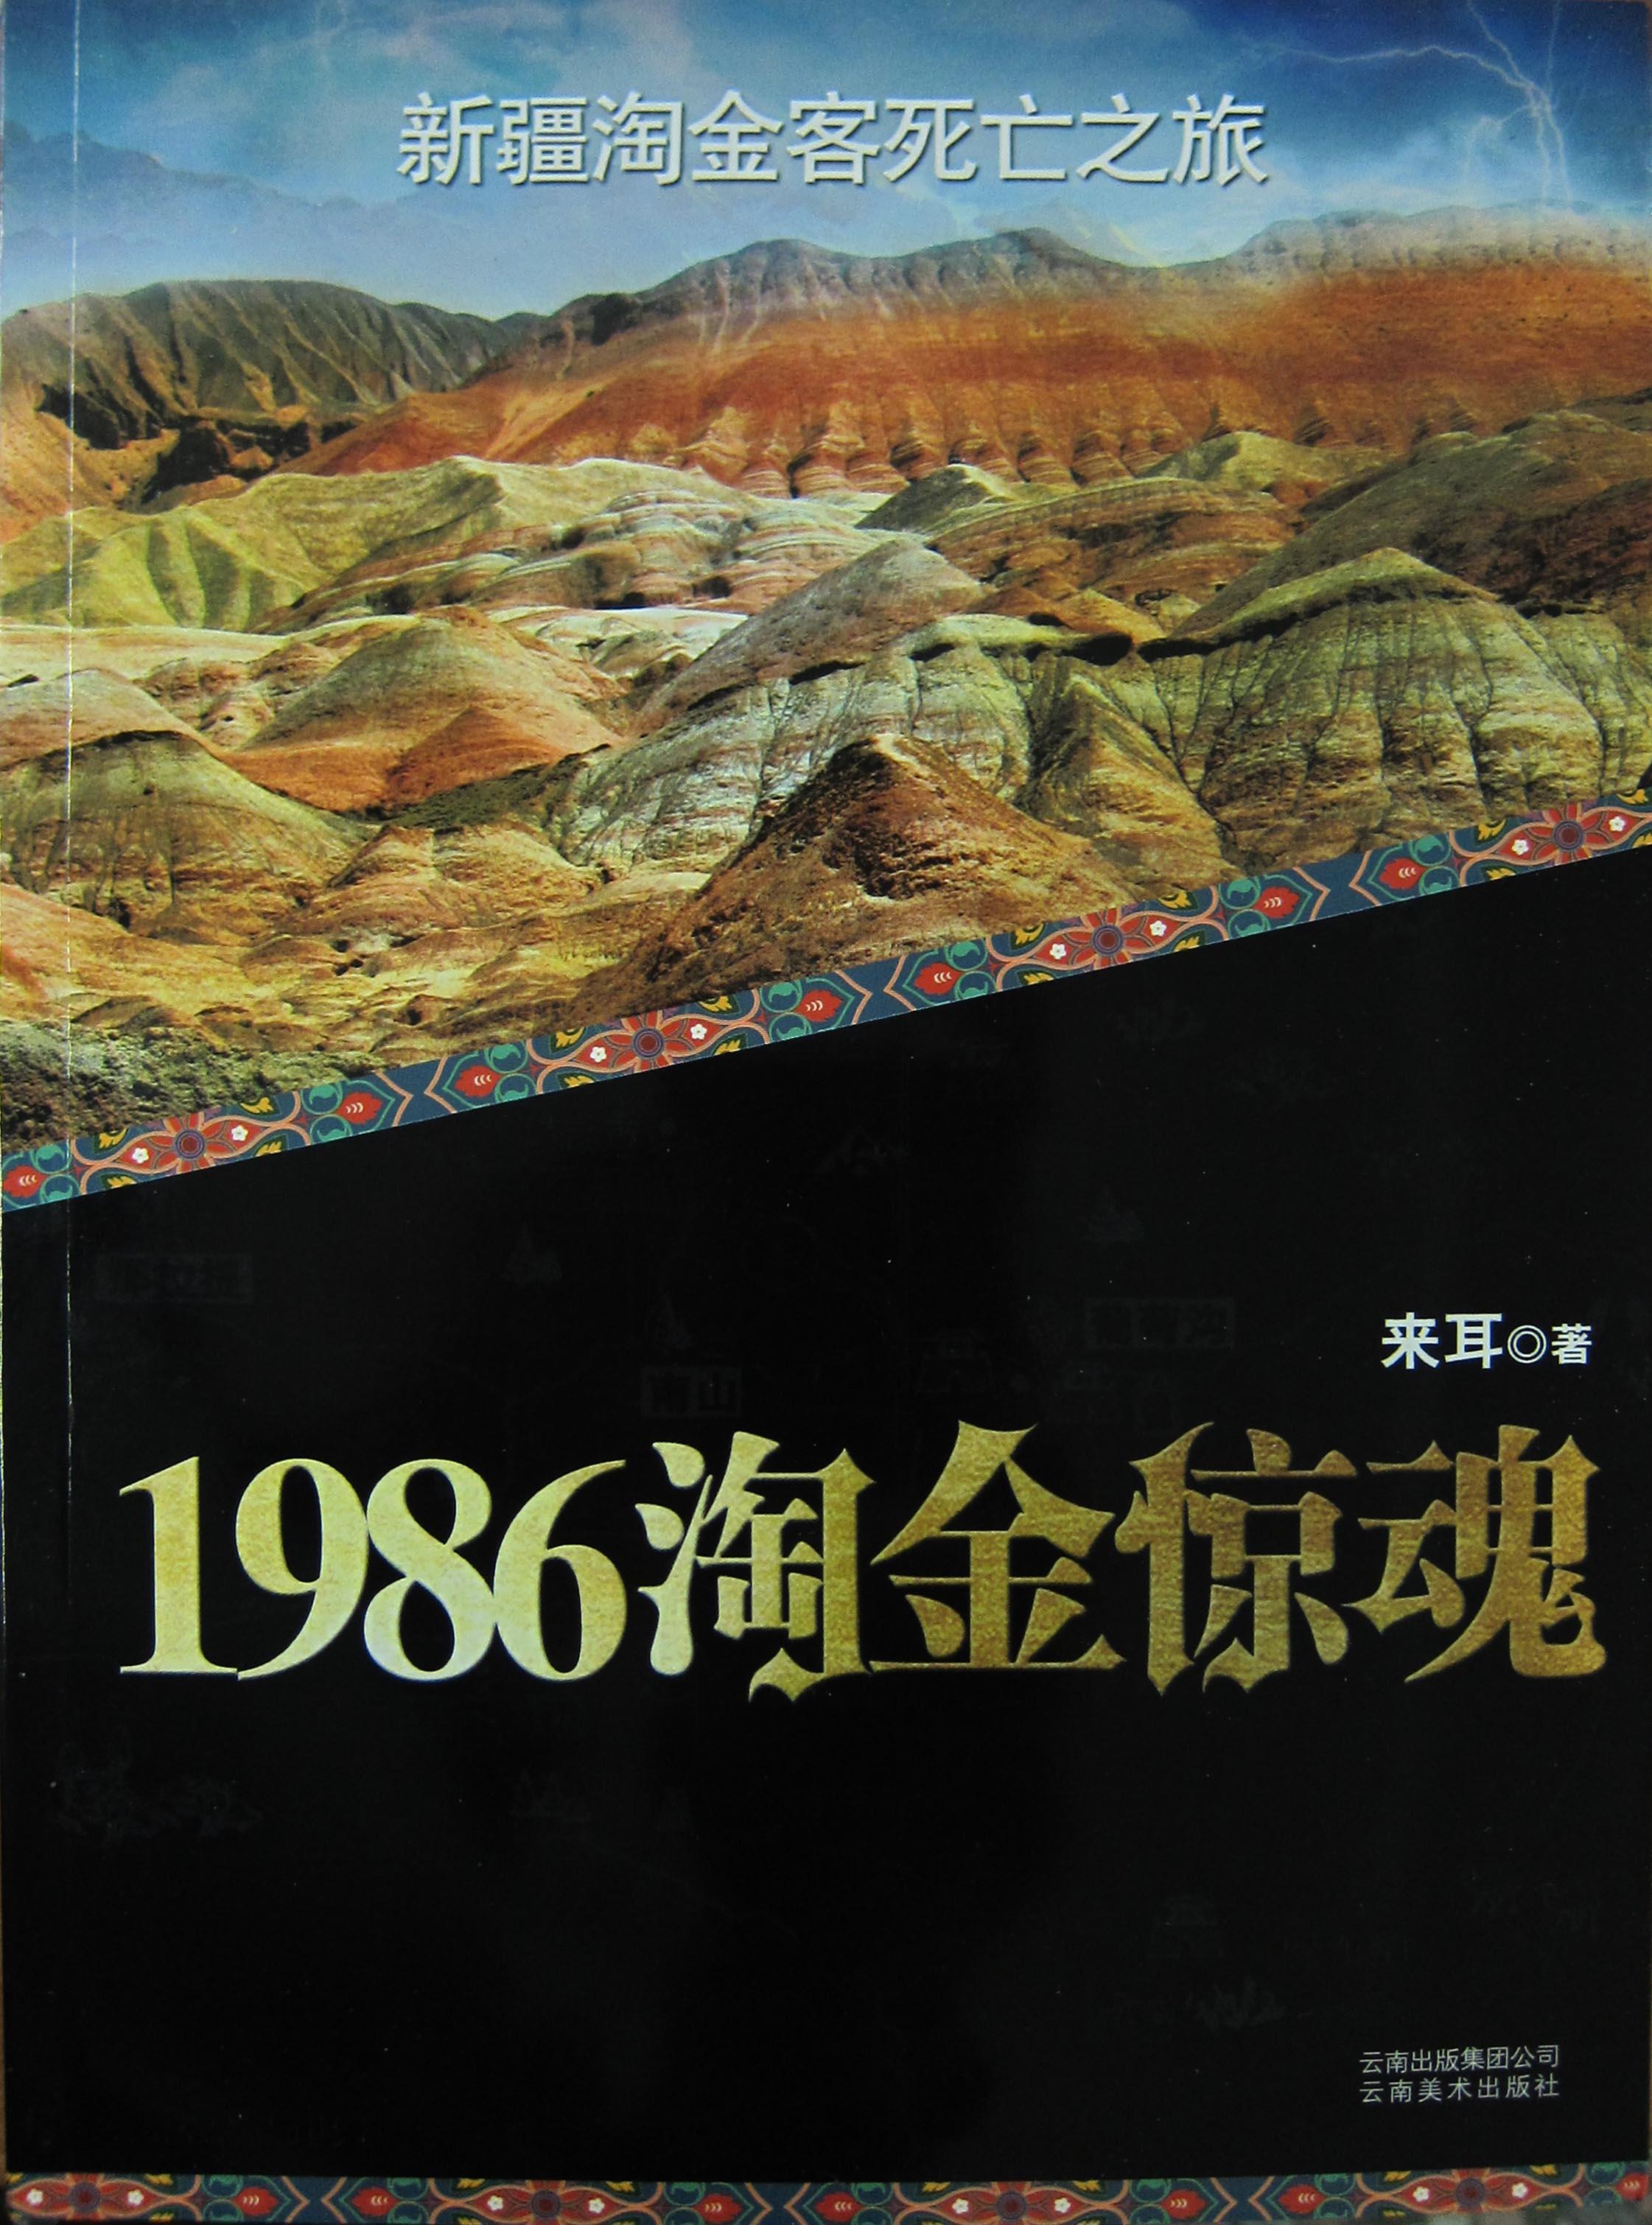 「1986淘金惊魂」